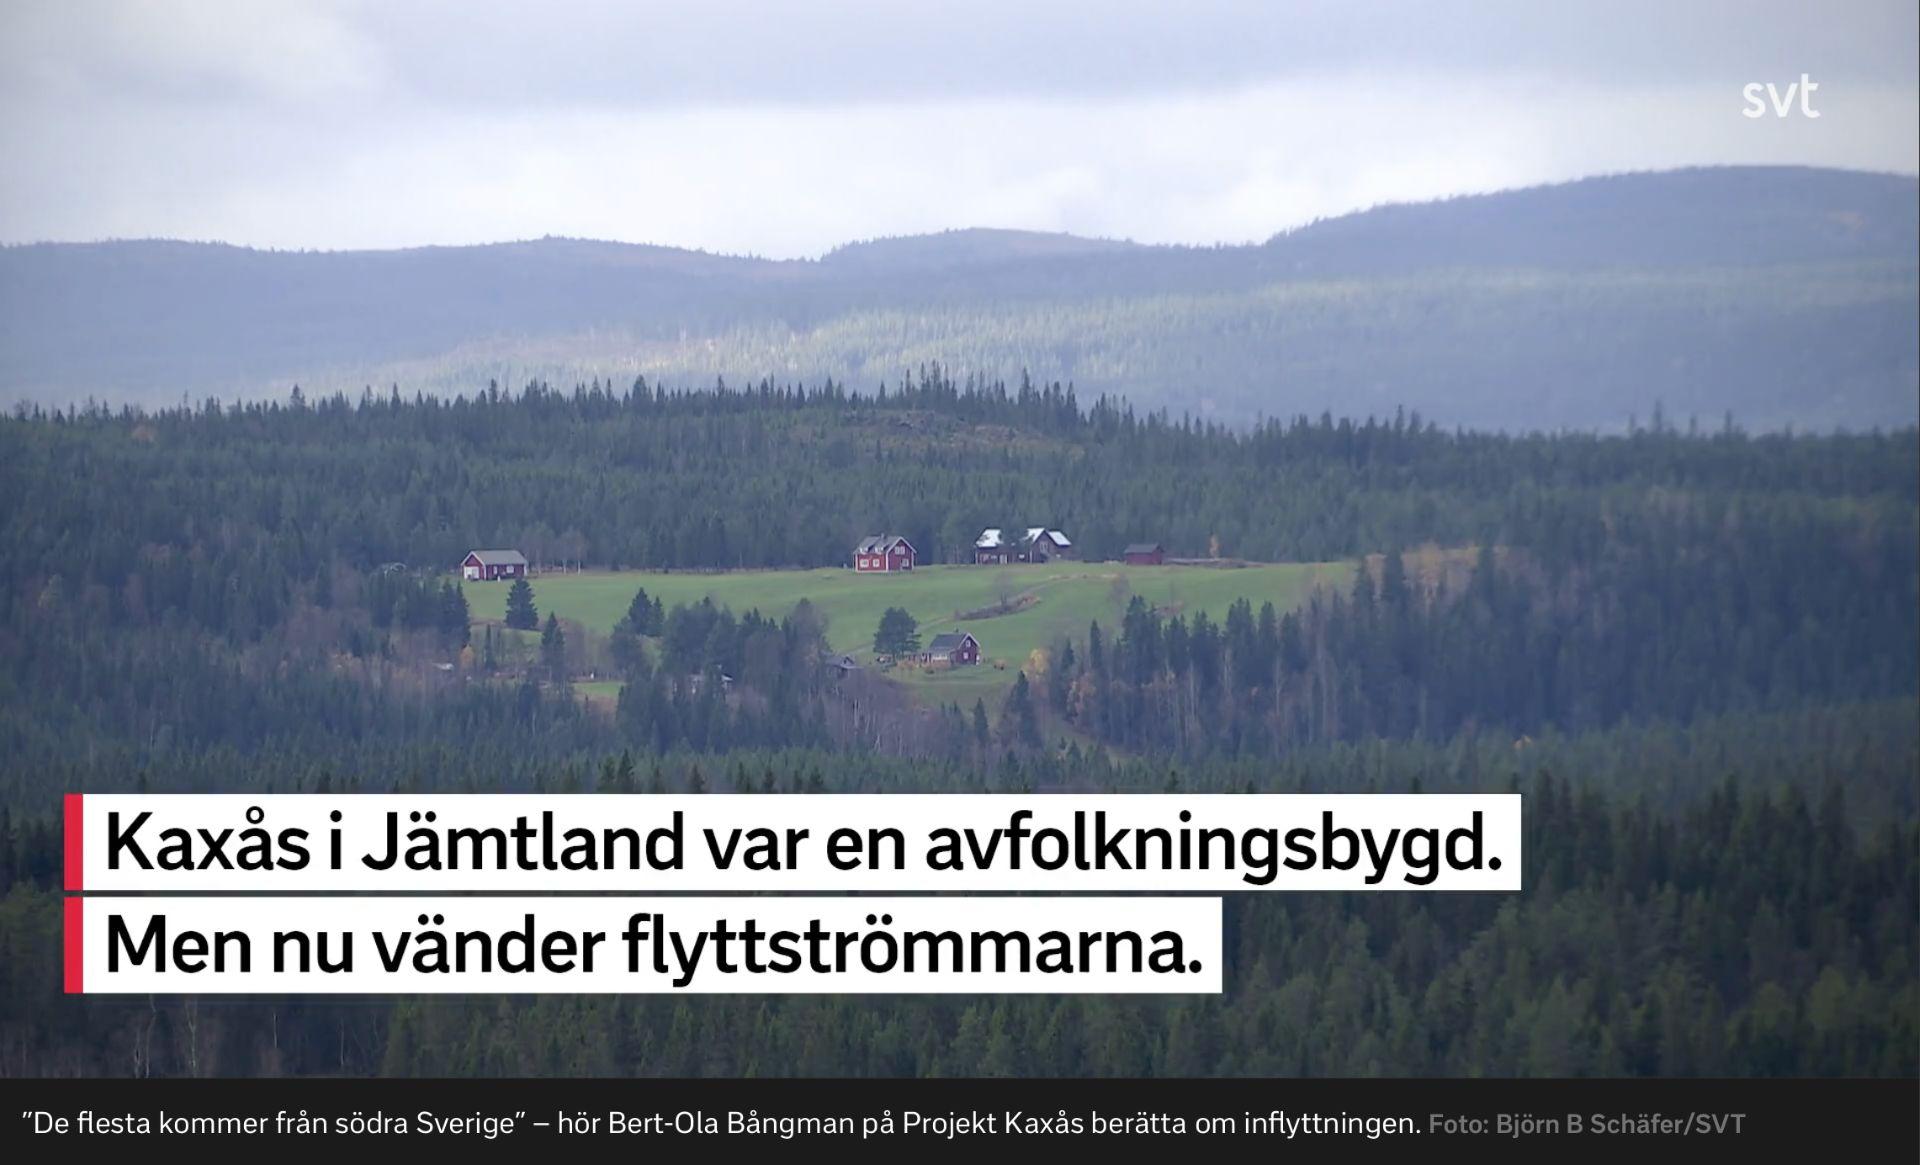 SVT Nyheter | Flyttströmmarna vänder i Kaxås. Foto © Björn Schäfer.